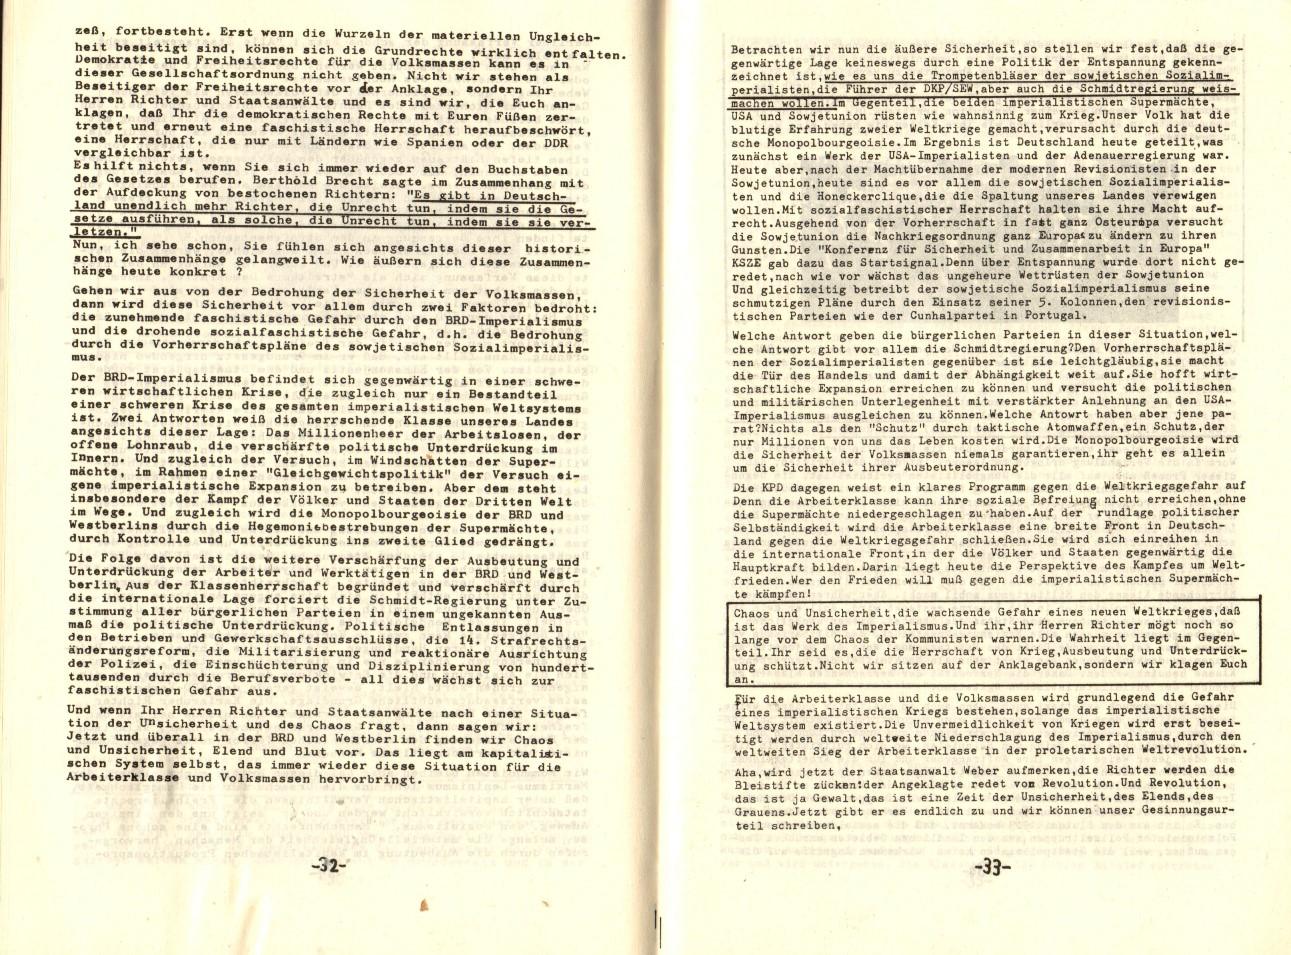 Berlin_KPD_1976_Staatsschutzprozess02_18